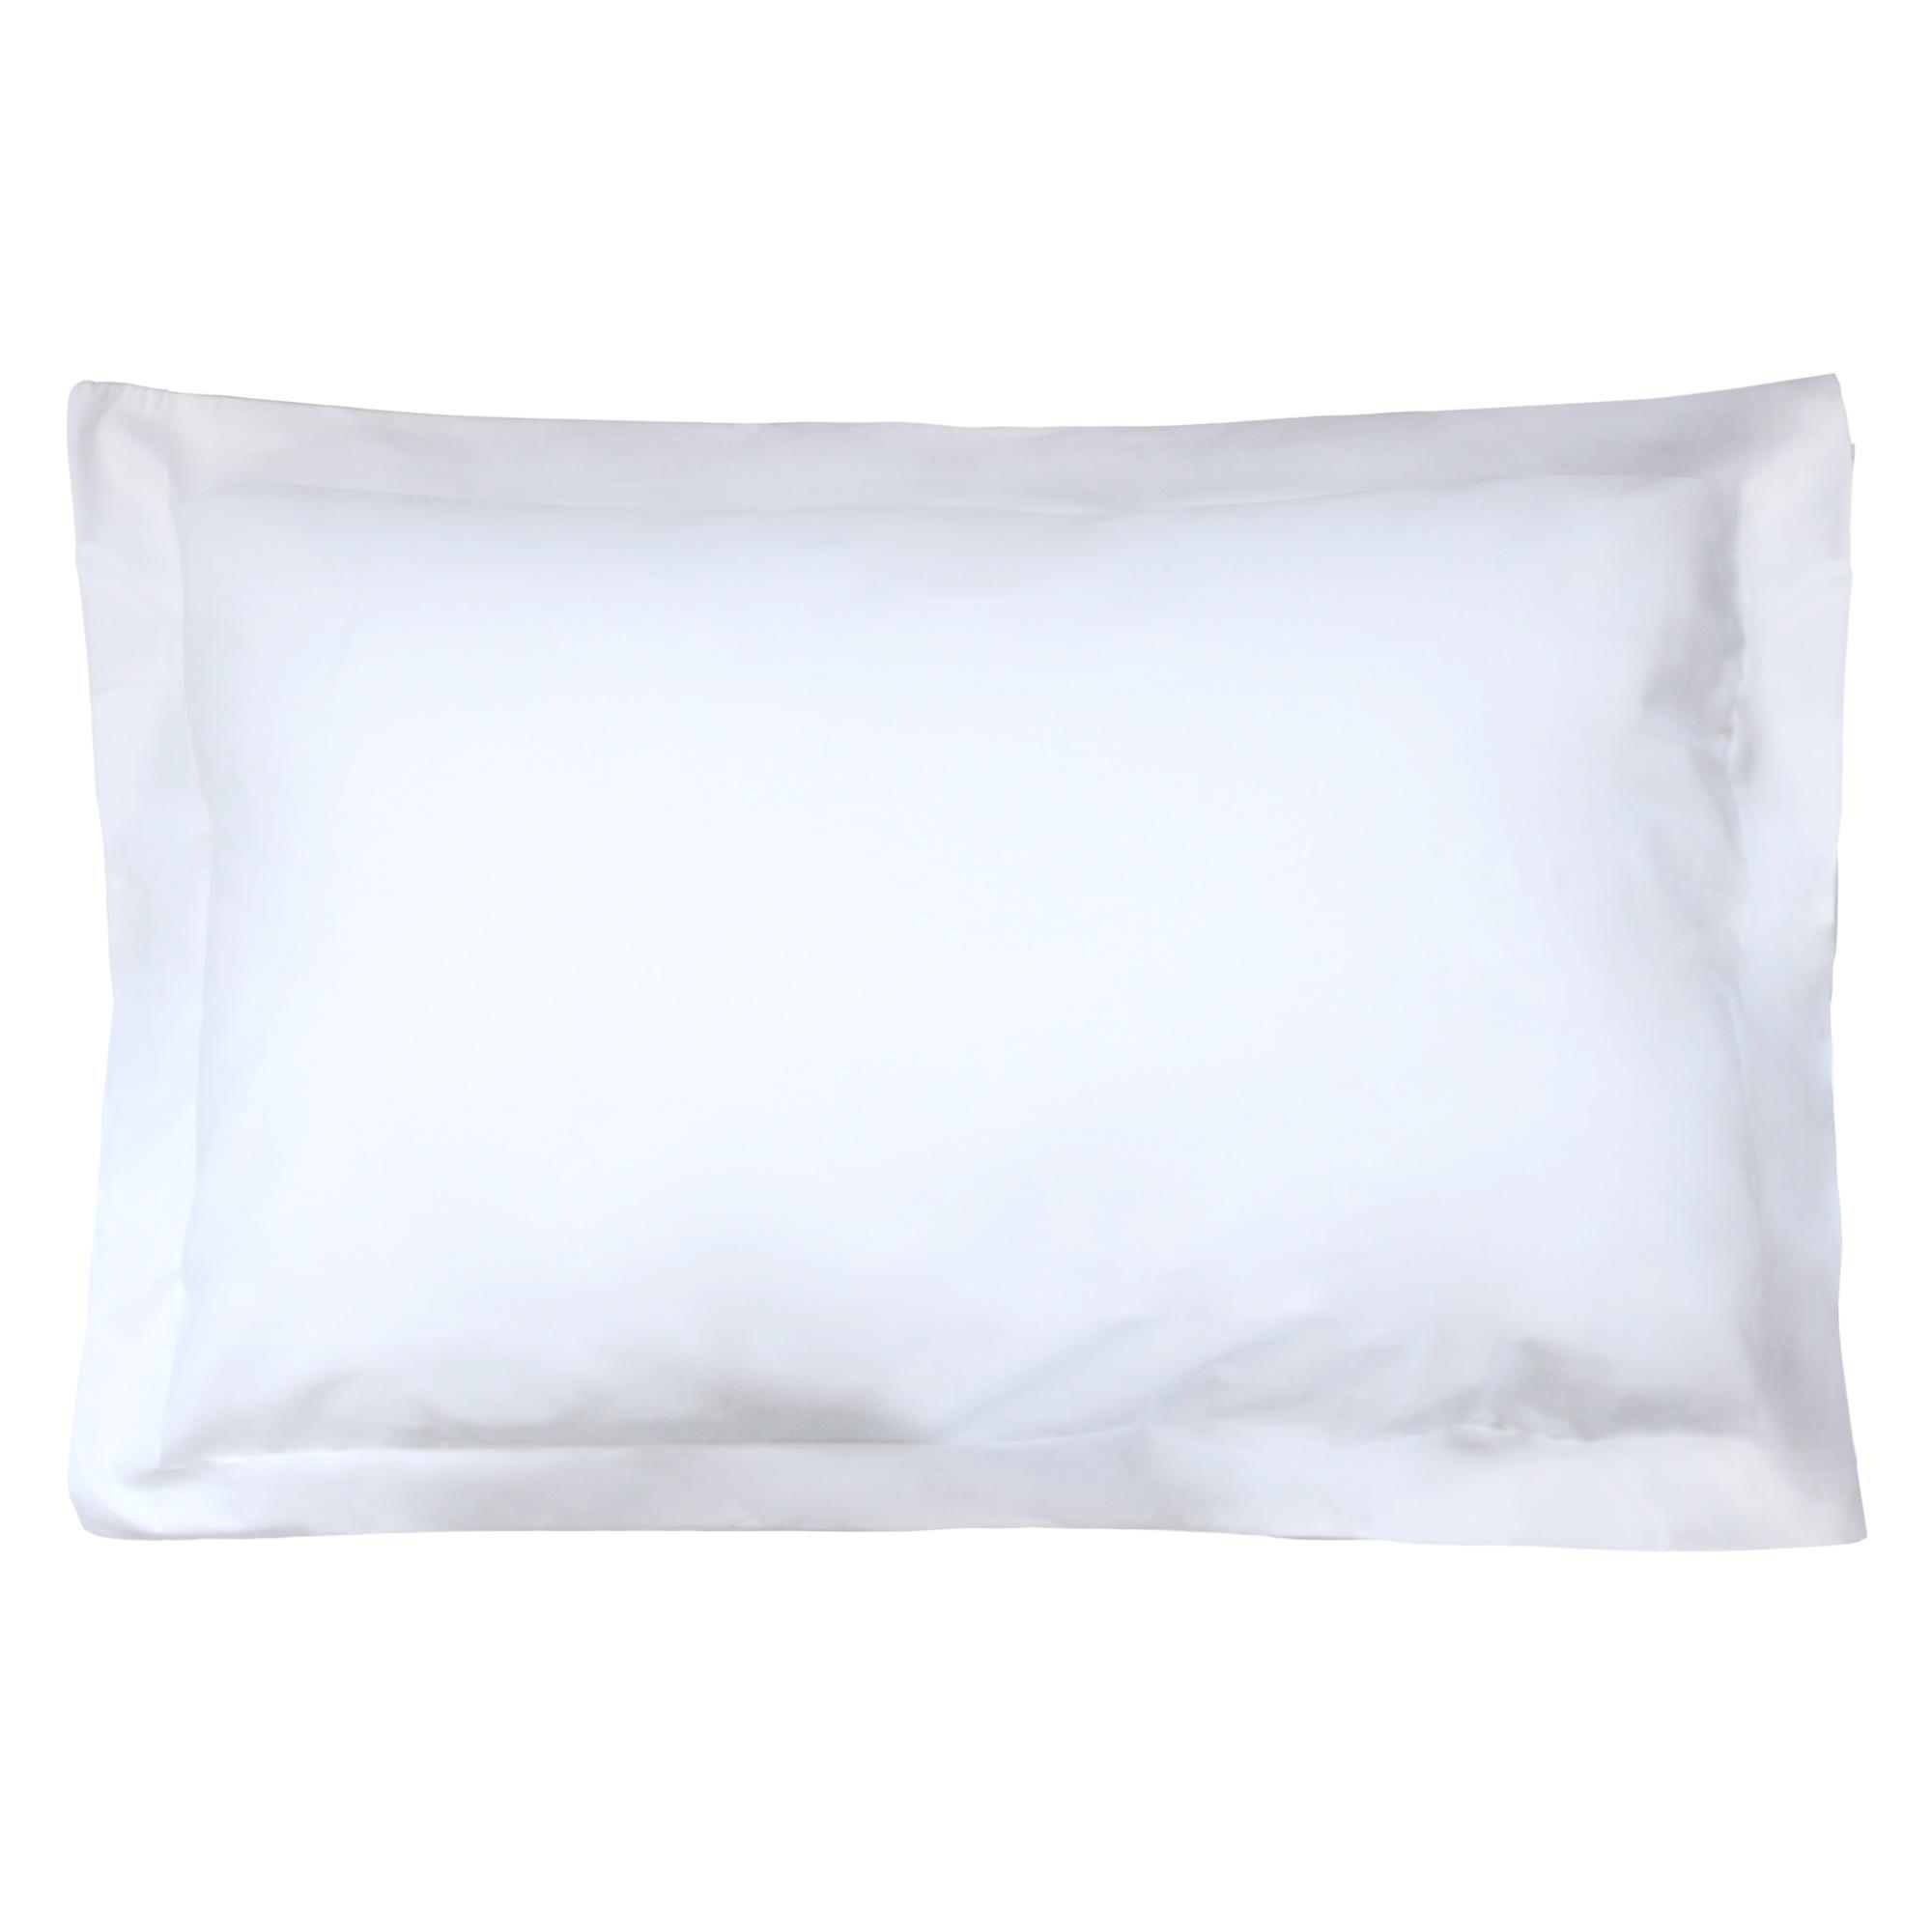 taie d oreiller 50x80 Taie d'oreiller 80x50cm uni pur coton ALTO Blanc | Linnea, linge  taie d oreiller 50x80